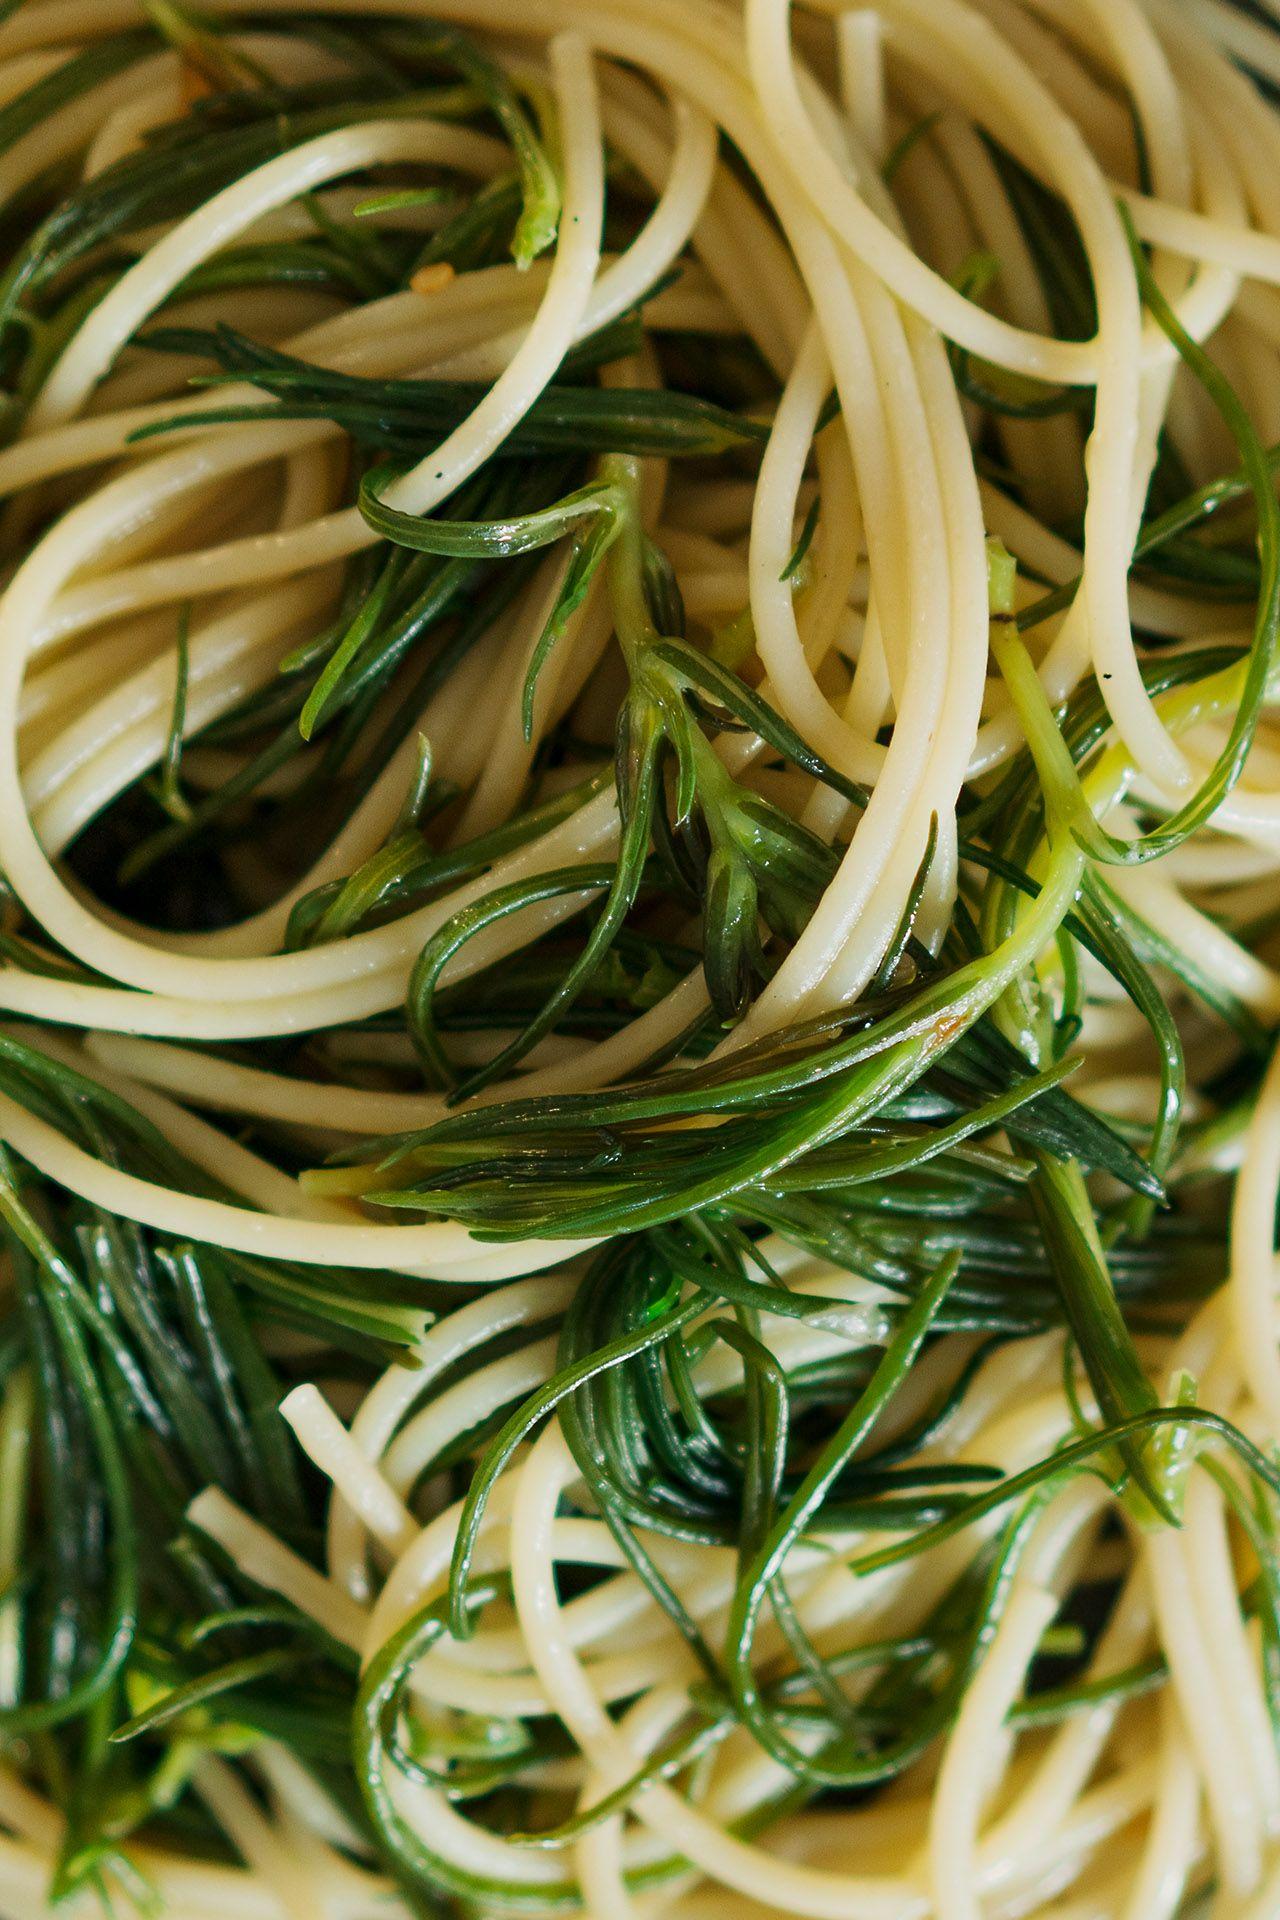 Berliner Kuche Spaghetti Mit Monchsbart Spaghetti Con Agretti Pasta With Monk S Beard Aglio E Olio In 2020 Berliner Kuche Spaghetti Schokoladentarte